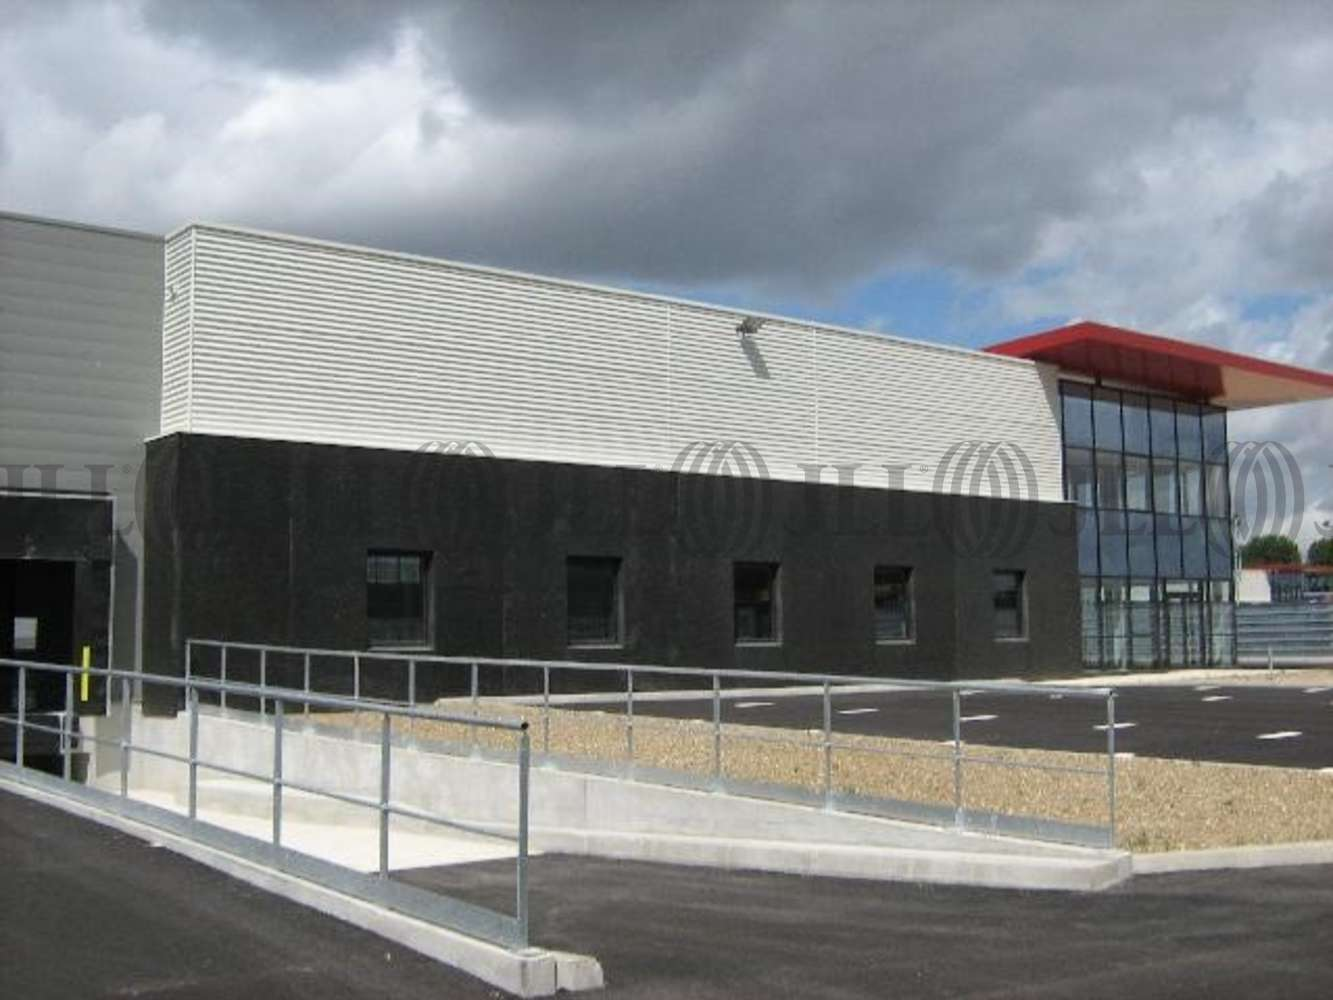 Activités/entrepôt La courneuve, 93120 - SEGRO BUSINESS PARK LA COURNEUVE - 10938755